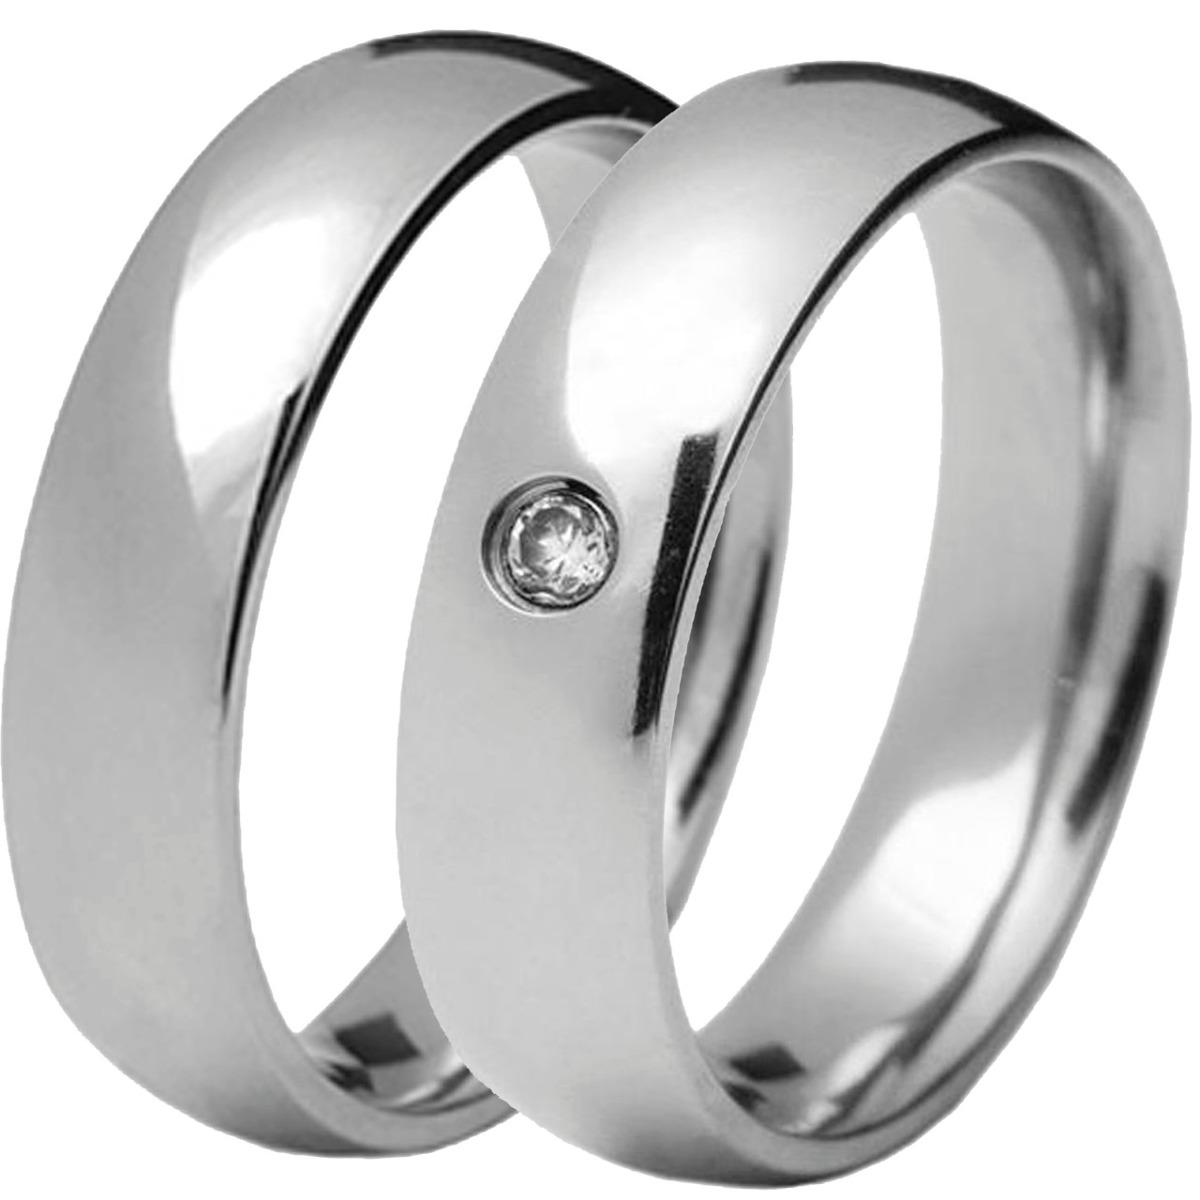 a5c6b9c7ec2 aliança anel aço inox cirúrgico 8mm namoro compromisso prata. Carregando  zoom.